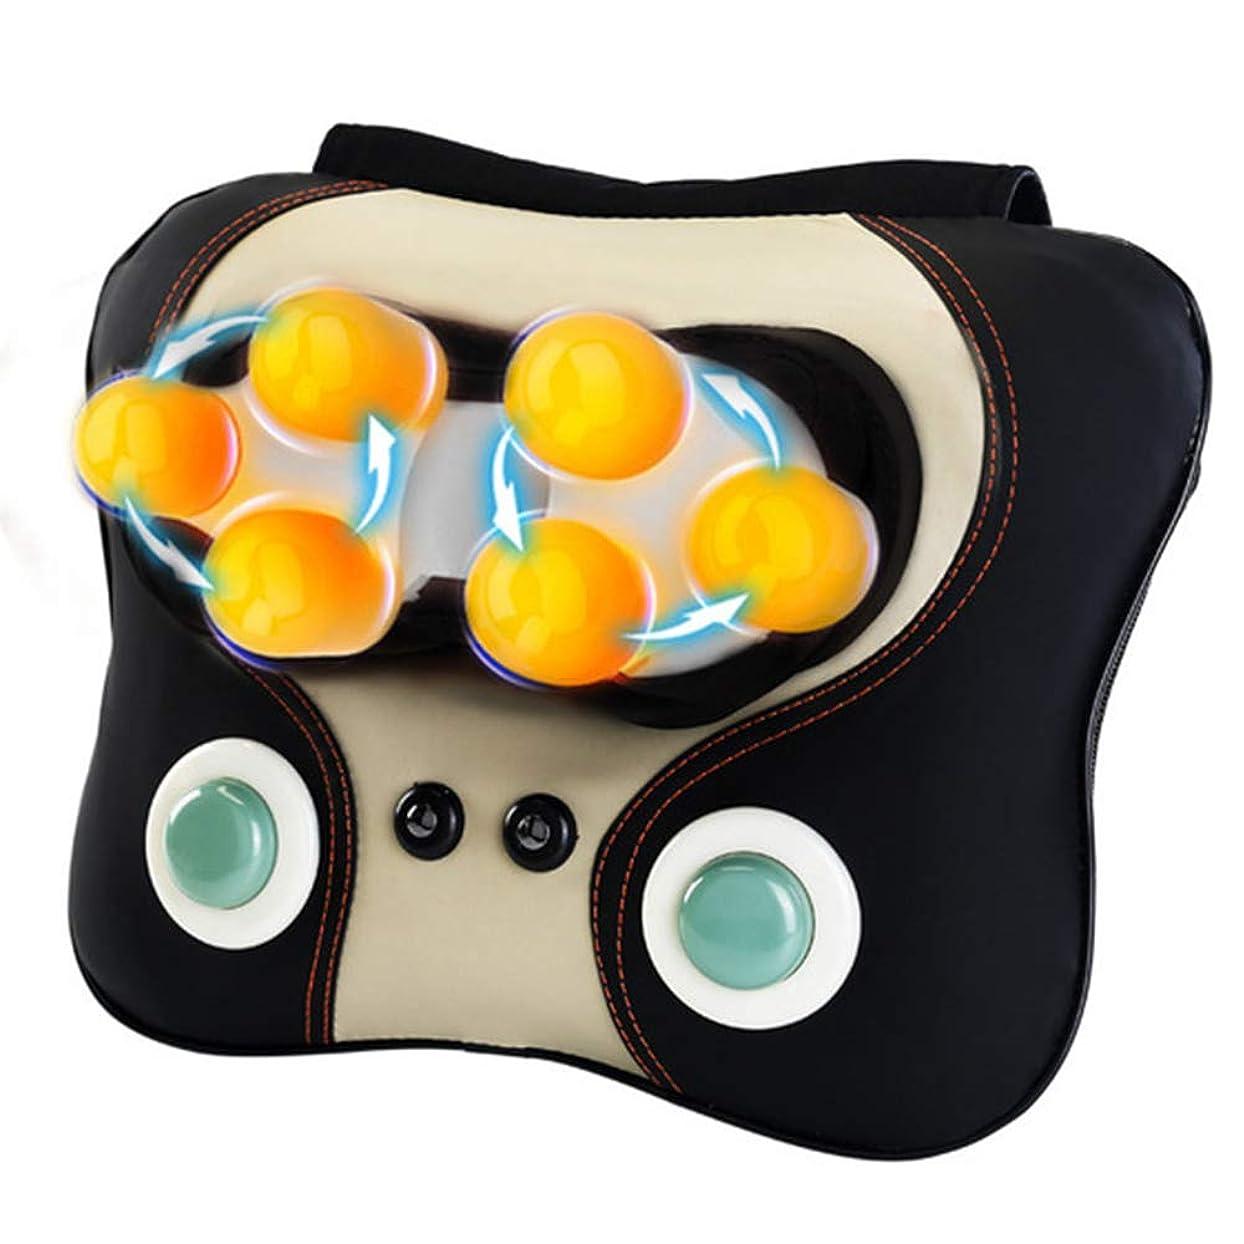 オピエート順番仕える頸部マッサージ - 混練ノッキング電動マッサージ枕 - 多機能暖房家庭用首と肩のマッサージクッション - 高齢者や座りがちな人に最適